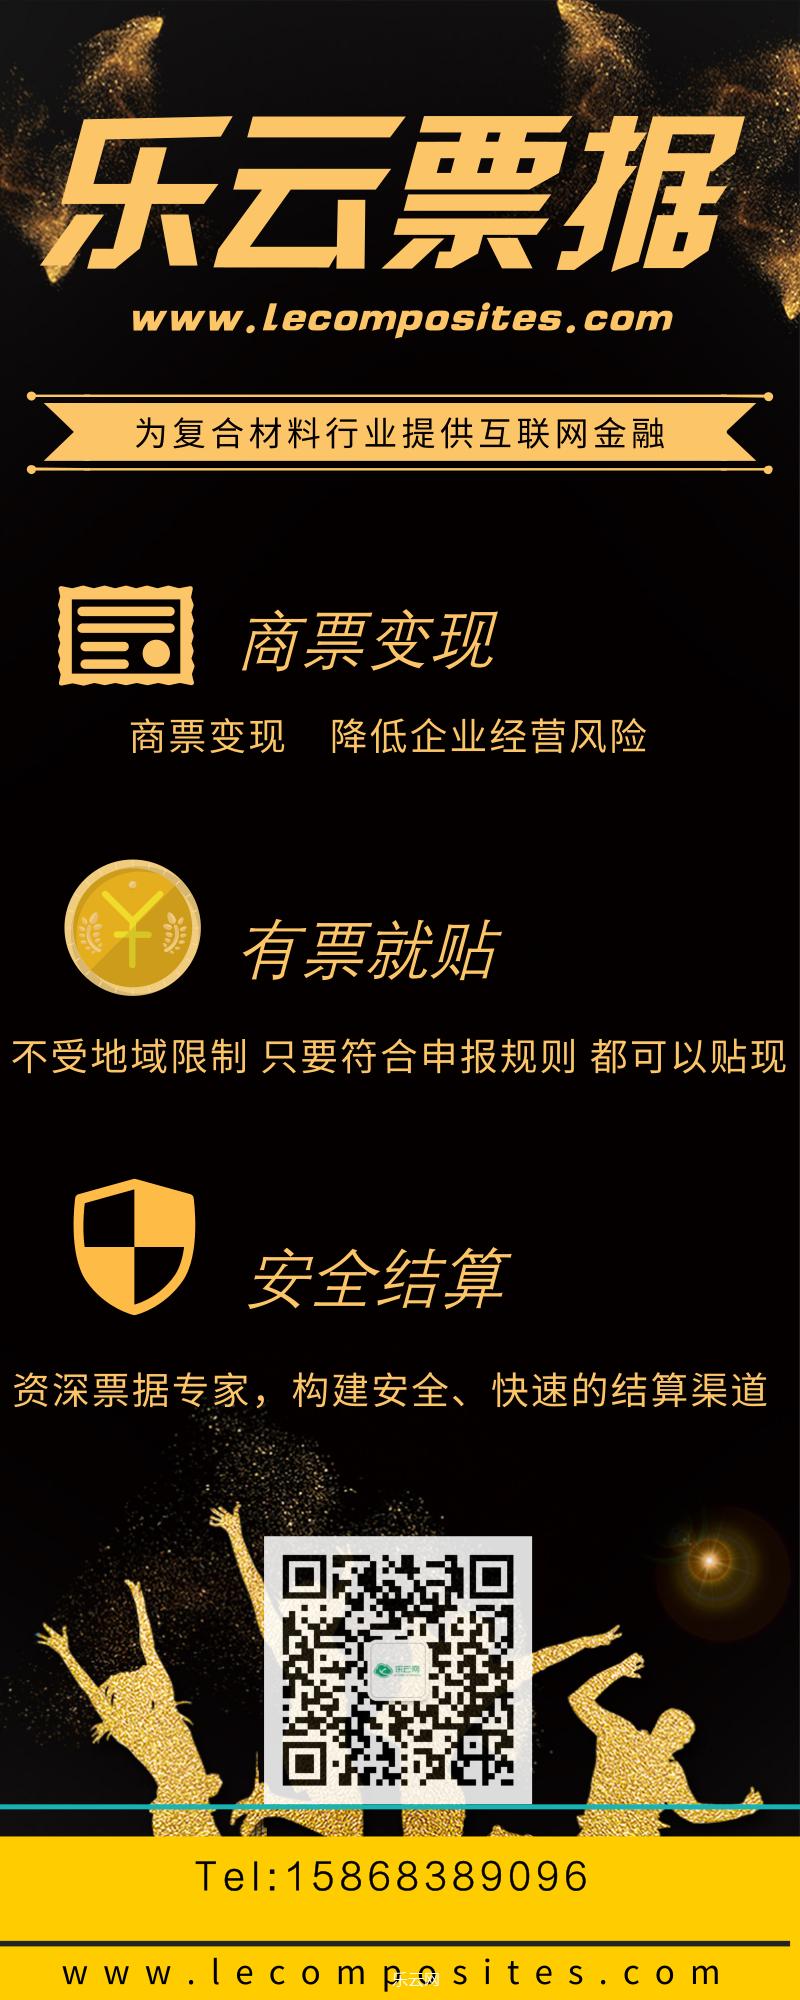 默认标题_营销长图_2019.06.13.png